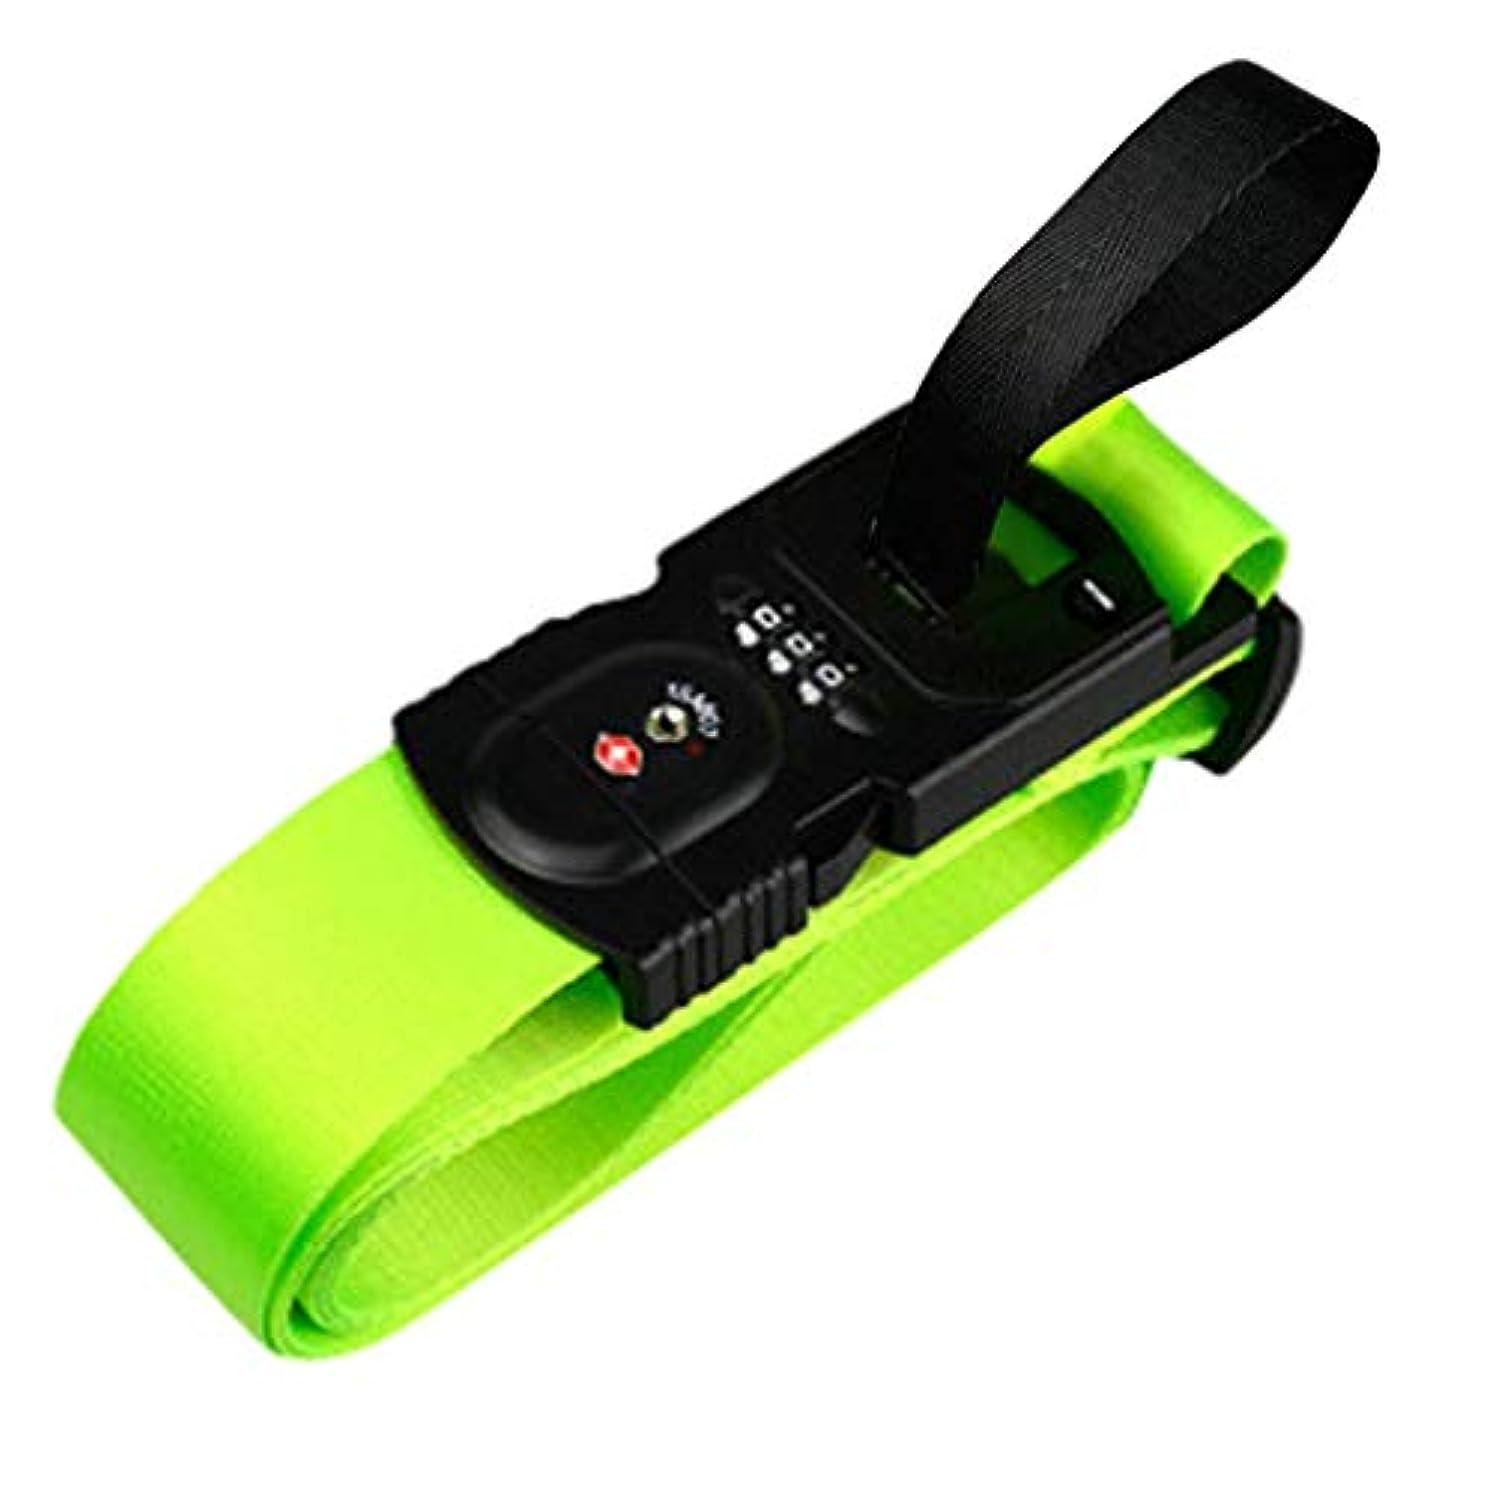 スーツケースベルト TSAロック 十字型 トランクベルト ワンタッチ 電子スケール サイズ調整可 ネームタグ付 盗難防止 ロック搭載ベルト ワンタッチベルト トランクベルト 旅行用品 出張 3桁ロック 荷物ストラップ 旅行小物